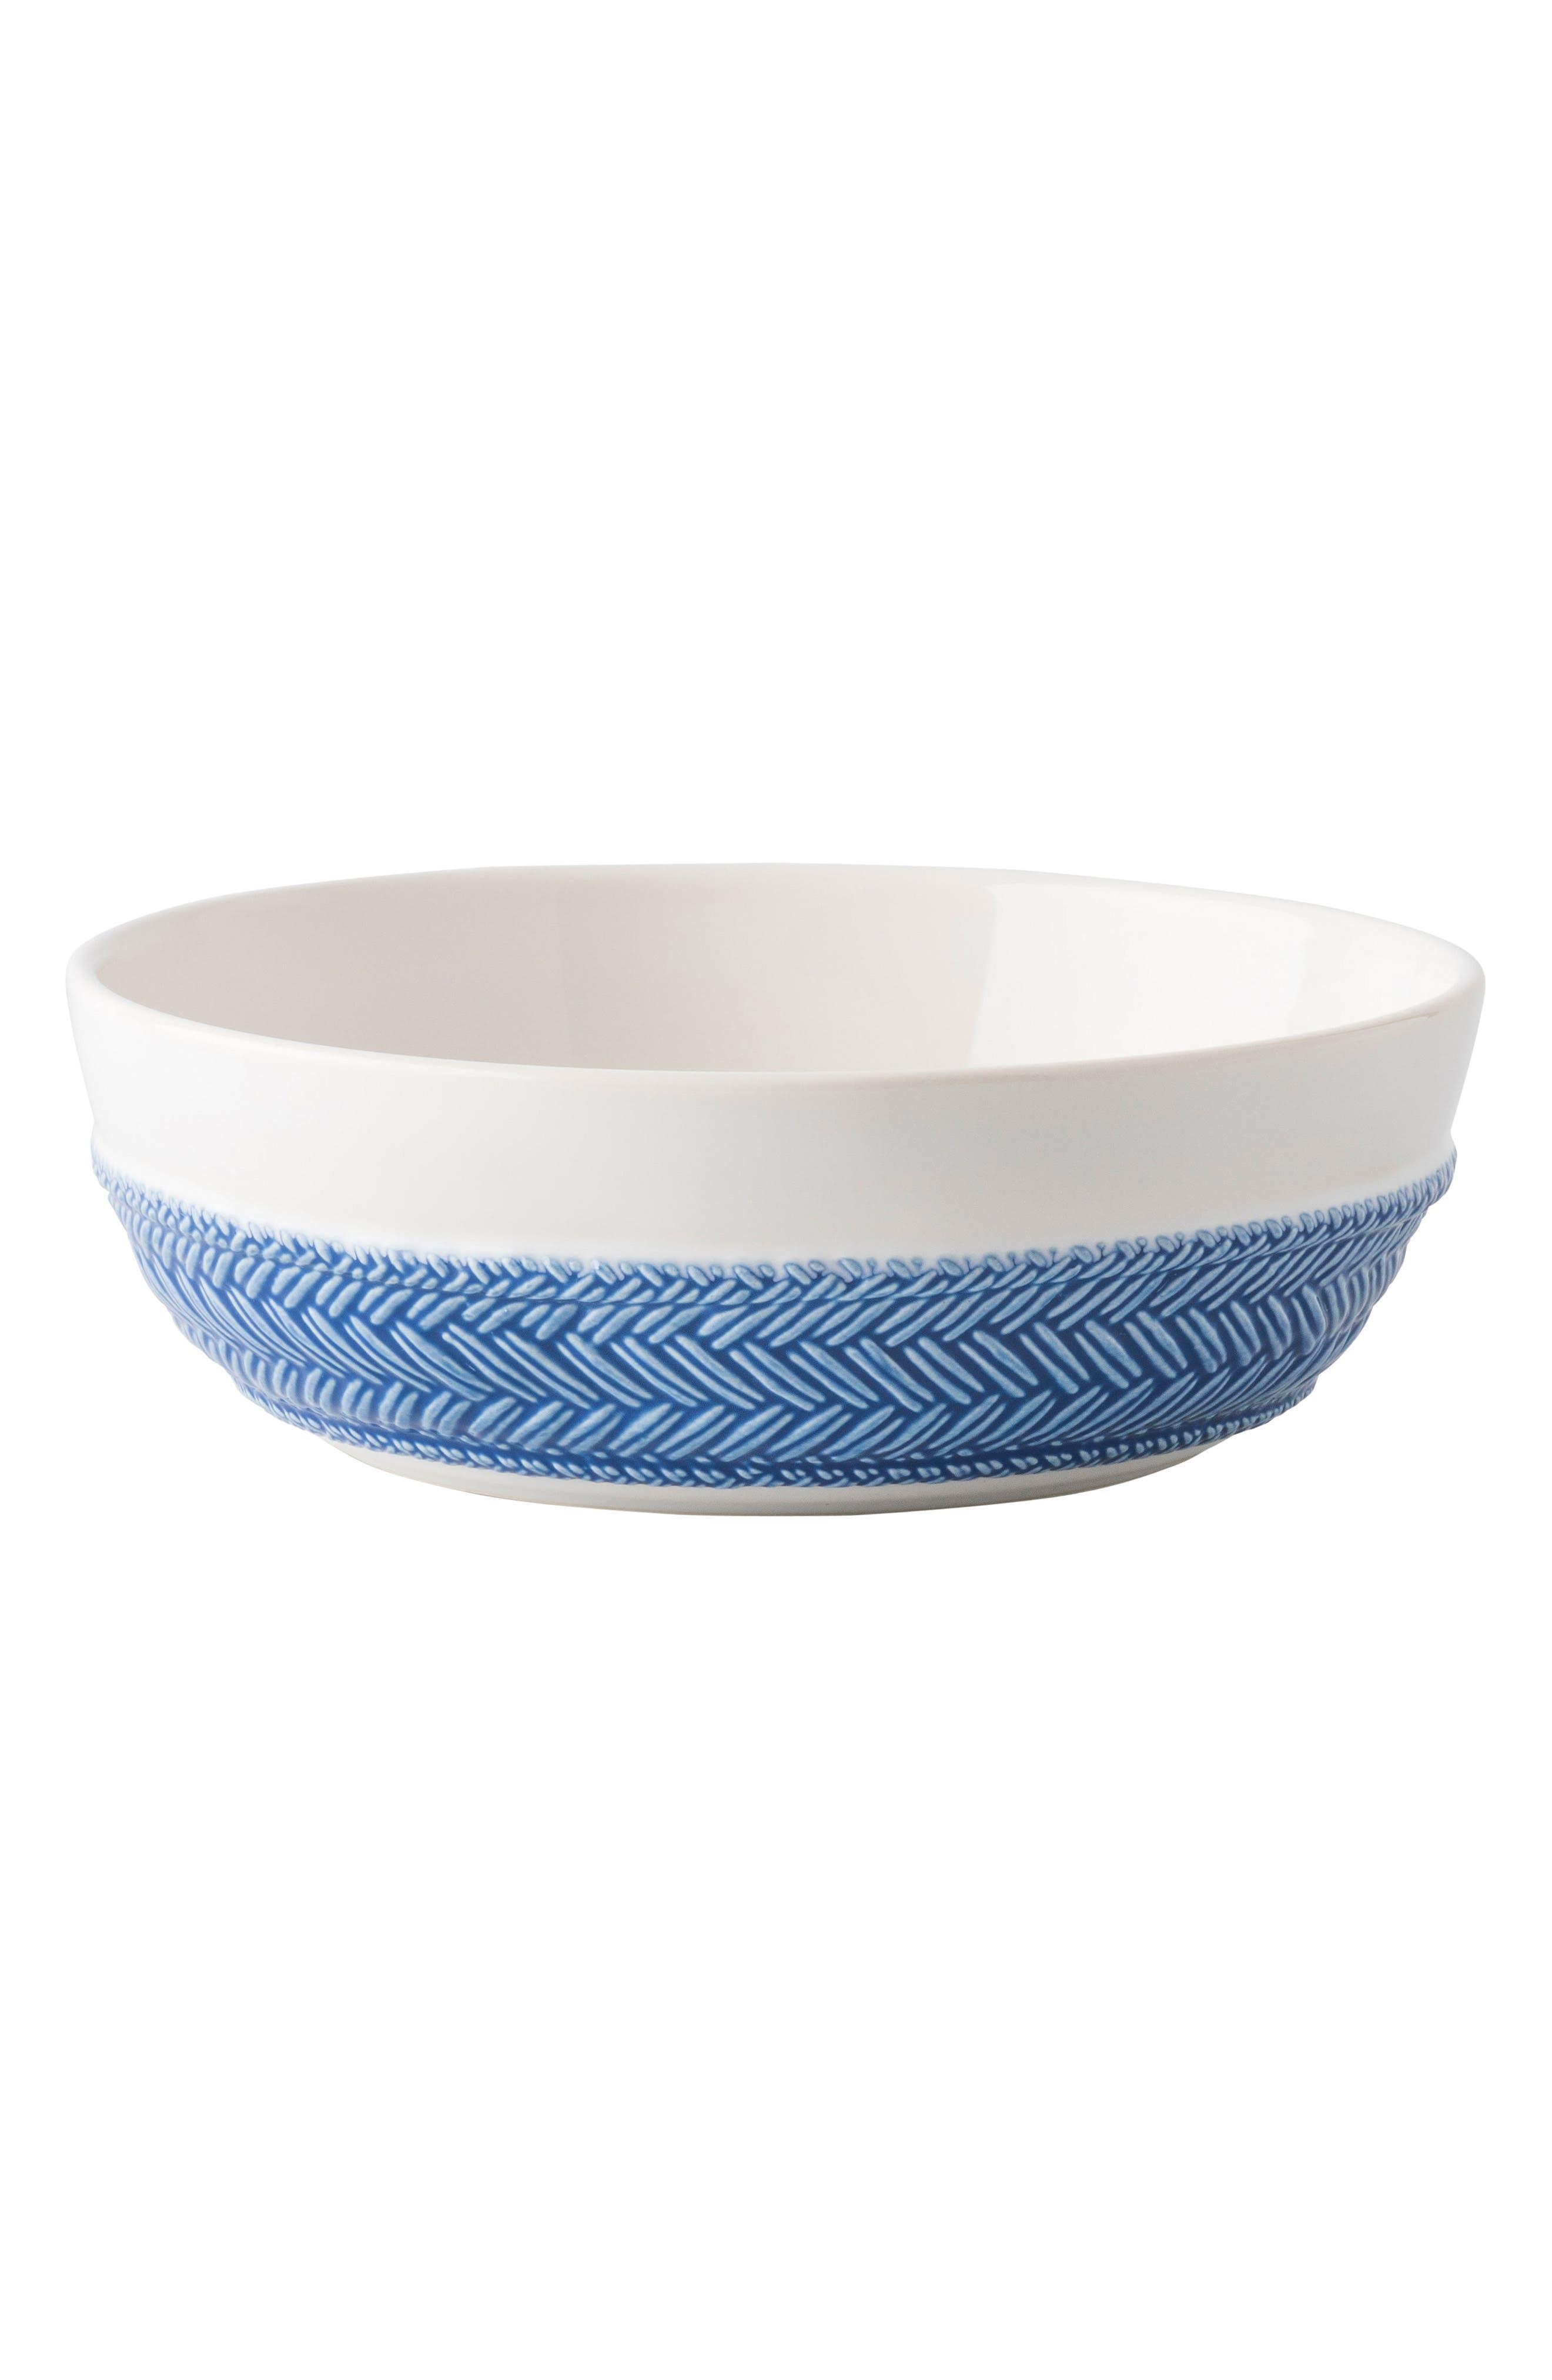 Le Panier Coupe Bowl,                         Main,                         color, WHITEWASH/ DELFT BLUE